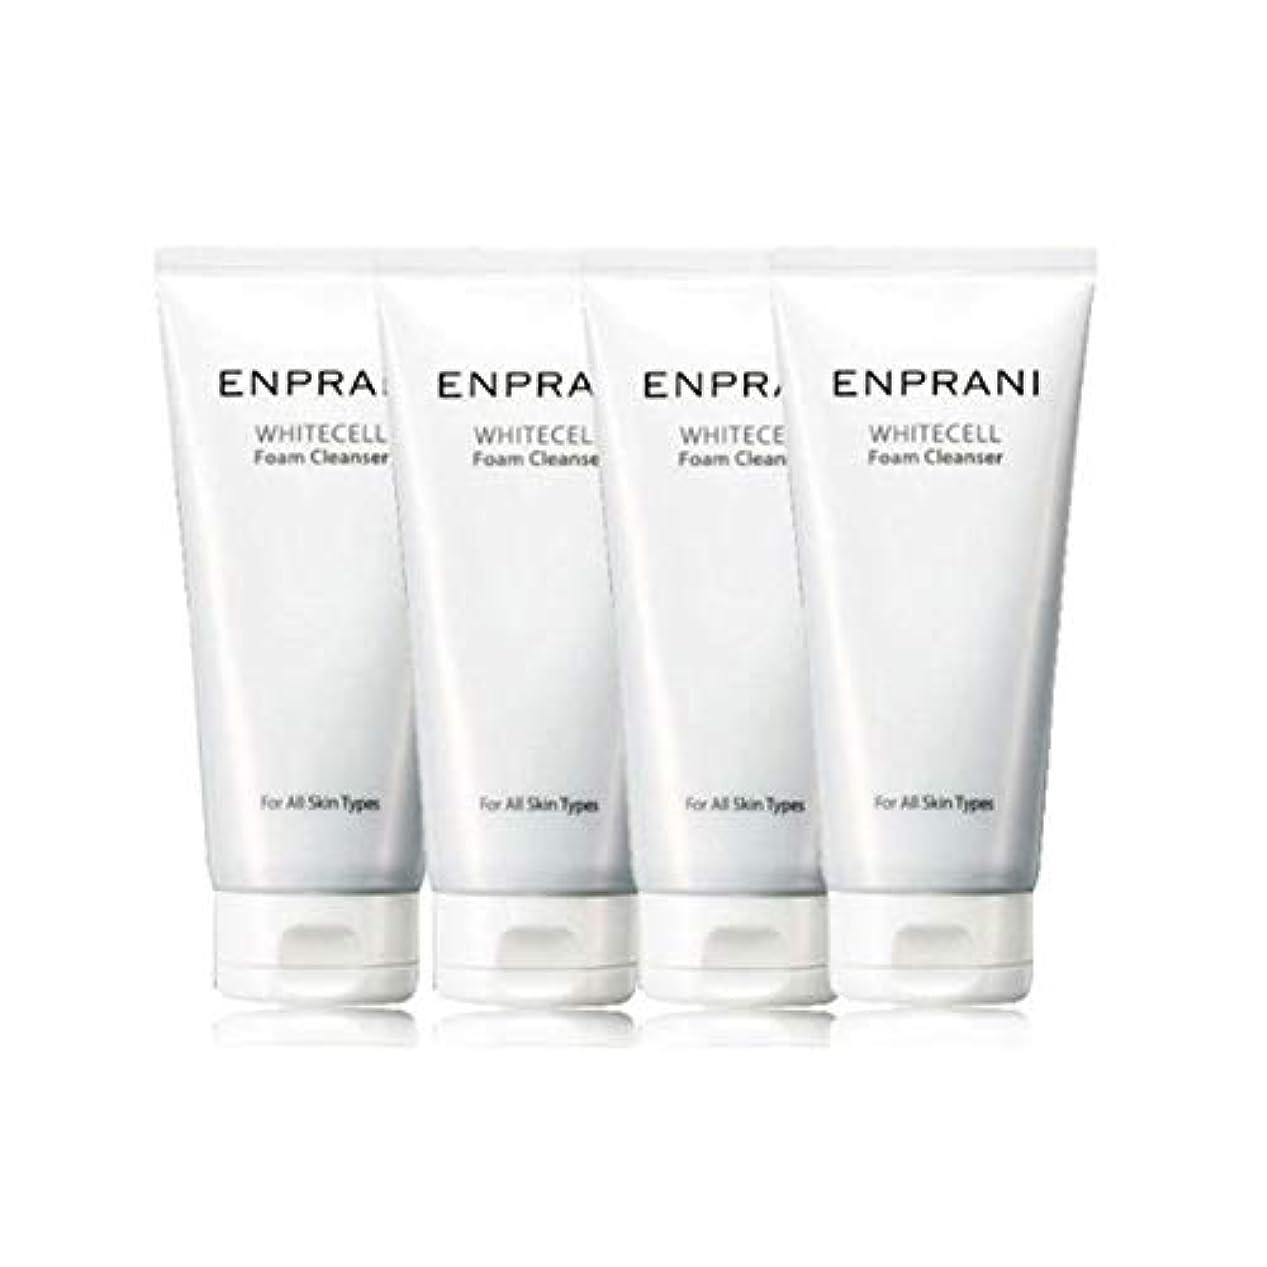 コンピューターを使用する記述する演じるエンプラニホワイトセル、フォームクレンザー100mlx 4本セット毛穴洗浄 皮膚管理、Enprani White Cell Foam Cleanser 100mlx 4ea Set Pore Cleaning Skin Care [並行輸入品]